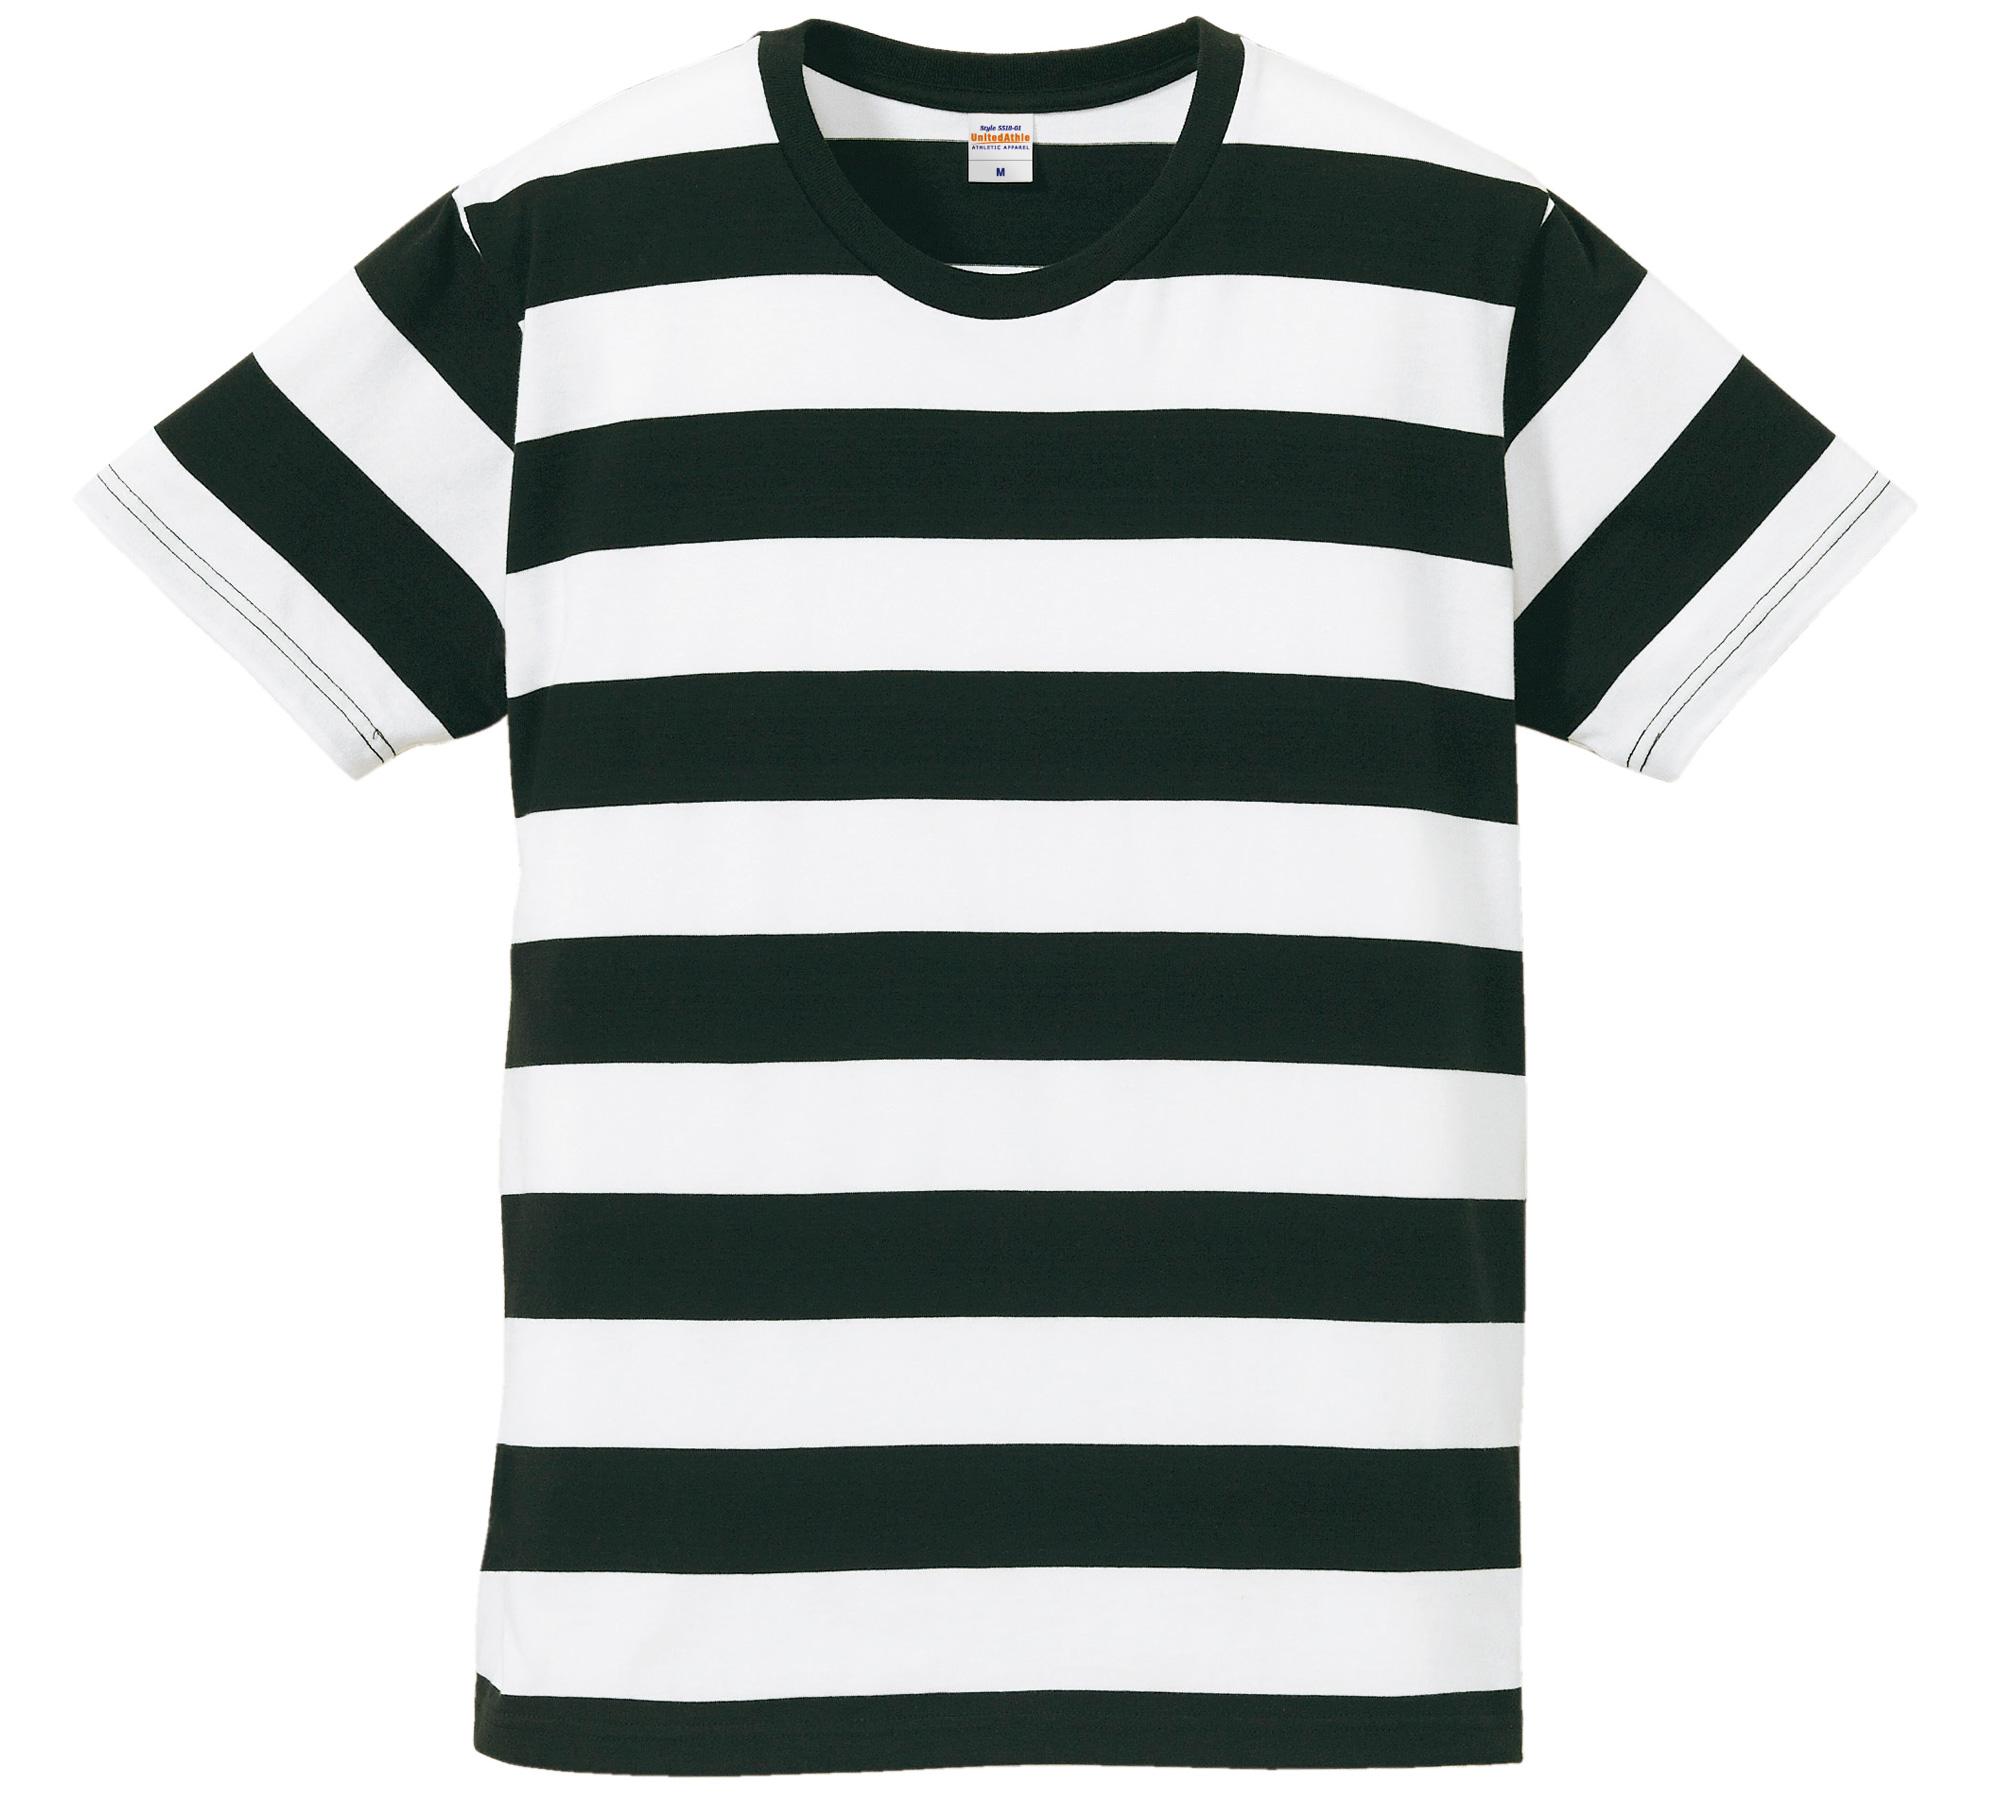 5.0オンス ボールドボーダー ショートスリーブ Tシャツ